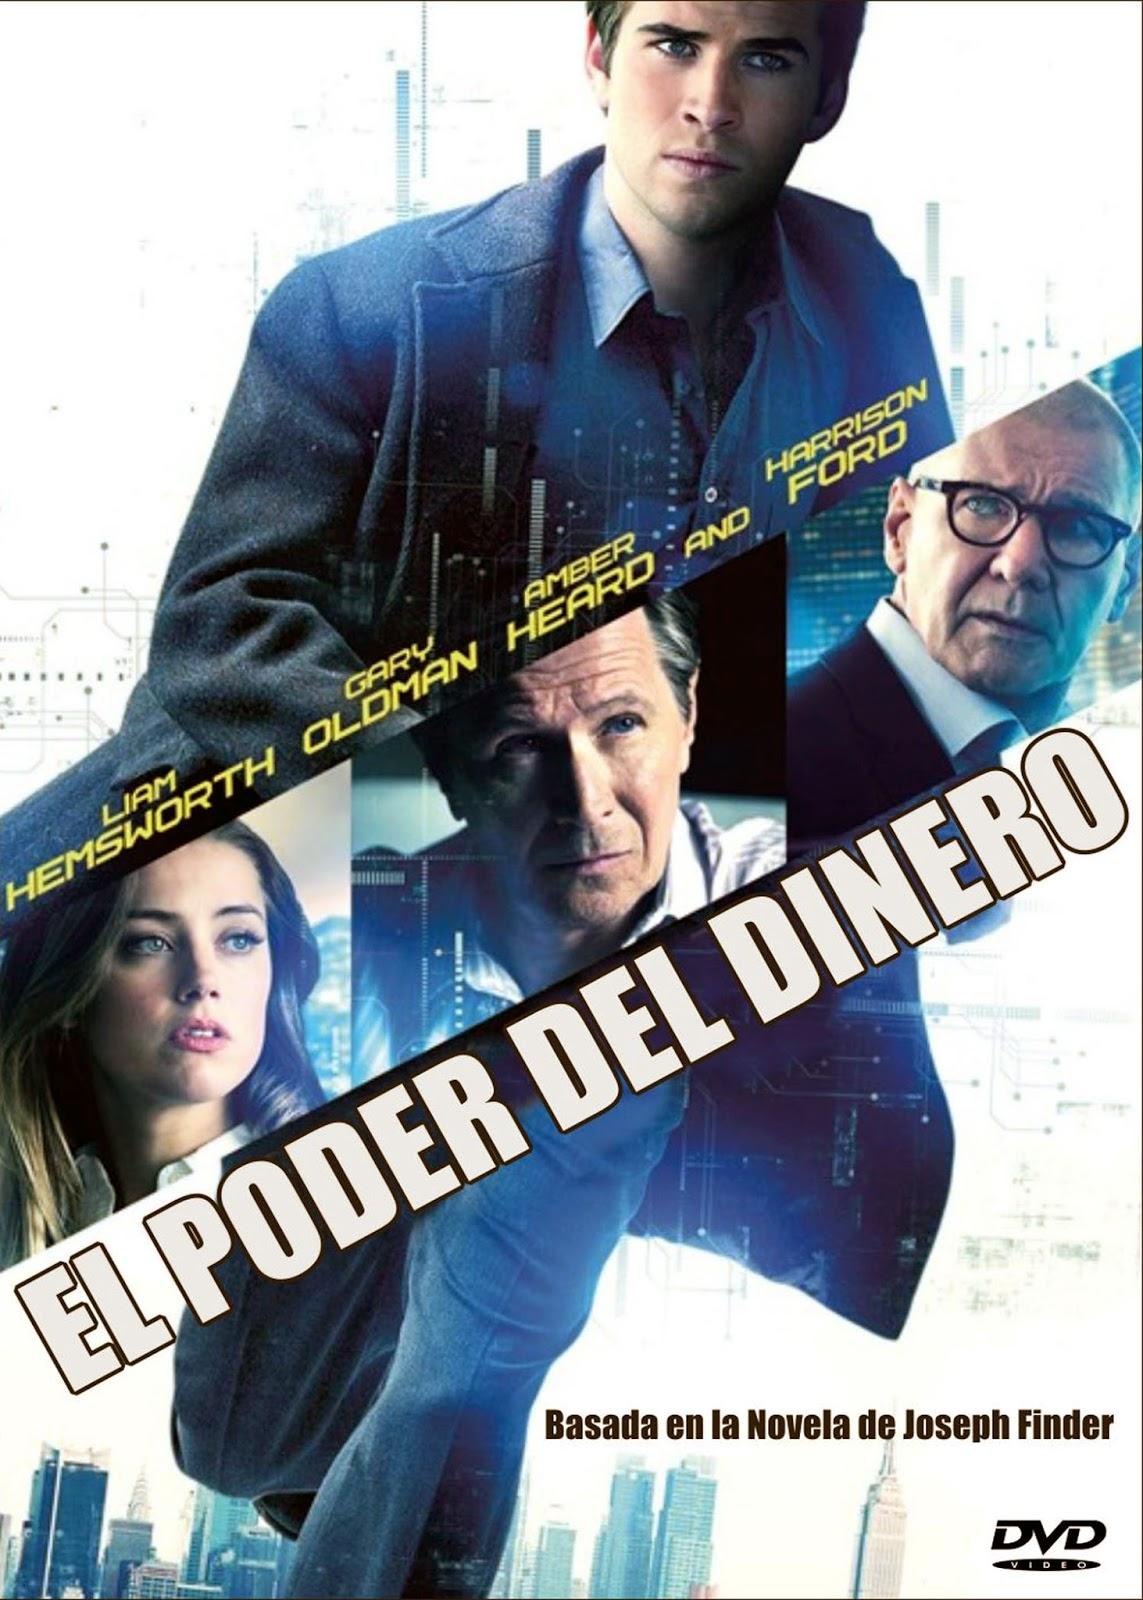 El poder del dinero (2013)